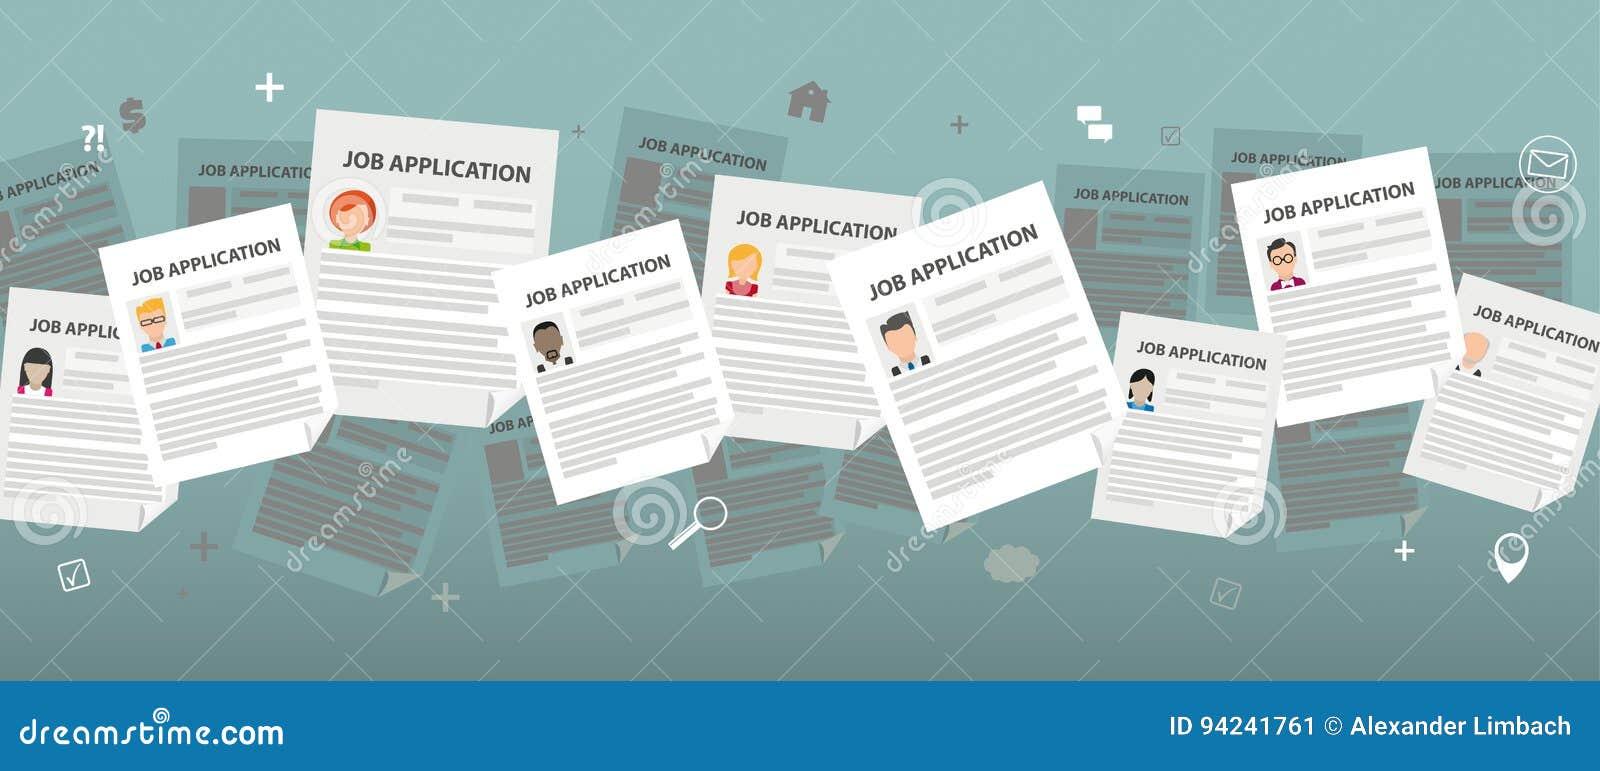 Människor Job Applications